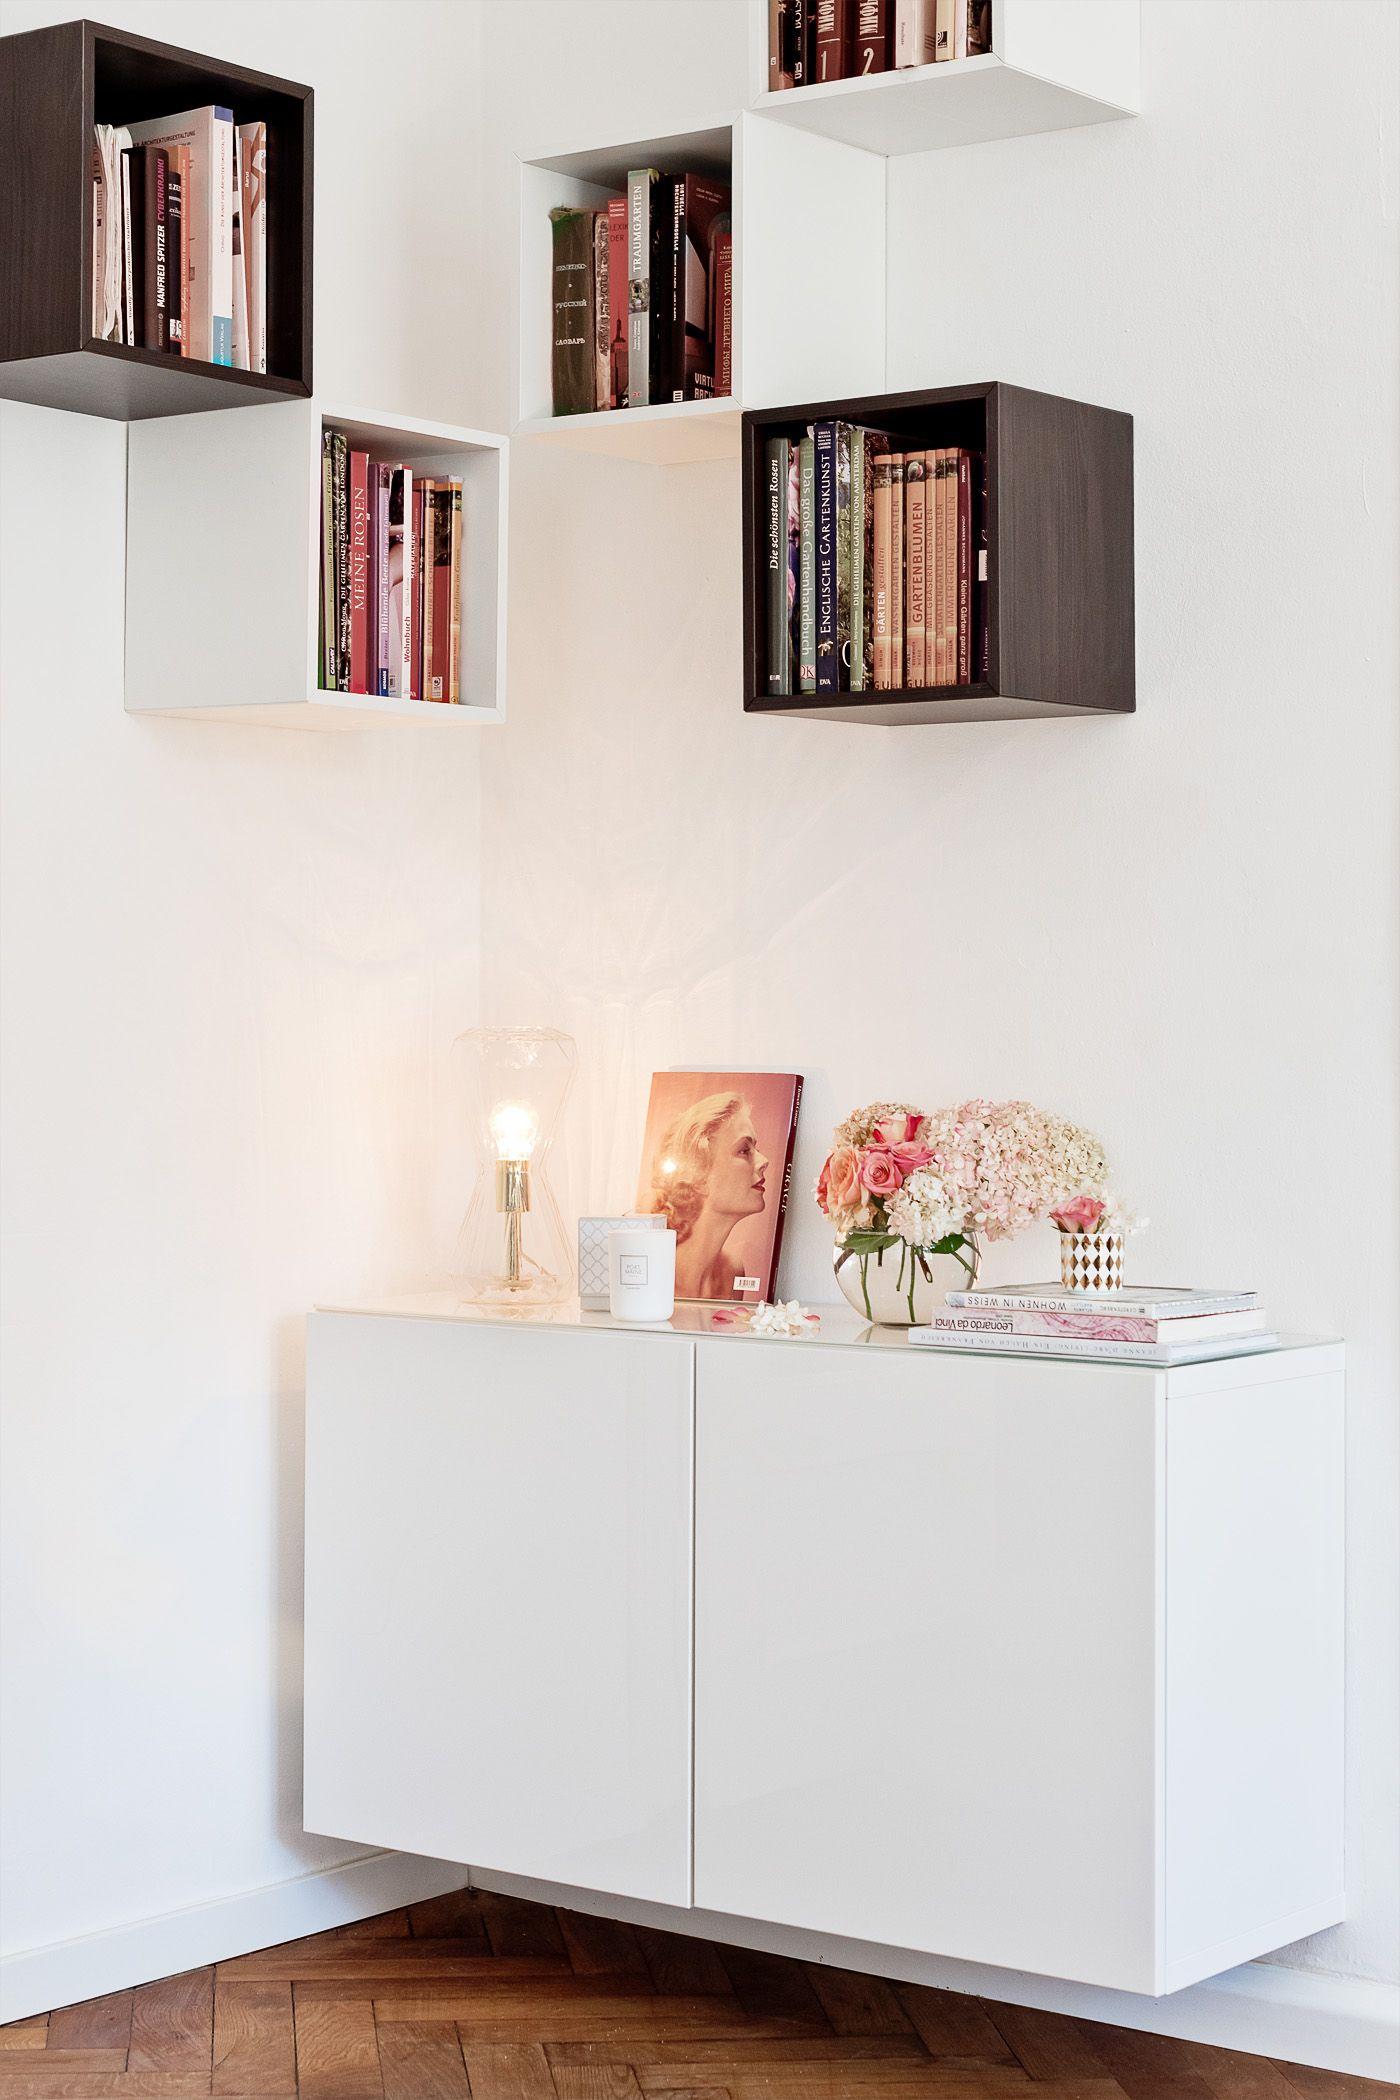 Full Size of Interior Soft Pink And Gold Arredamento Ingresso Casa Küche Ikea Kosten Miniküche Hängeregal Sofa Mit Schlaffunktion Modulküche Betten Bei Kaufen 160x200 Wohnzimmer Ikea Hängeregal